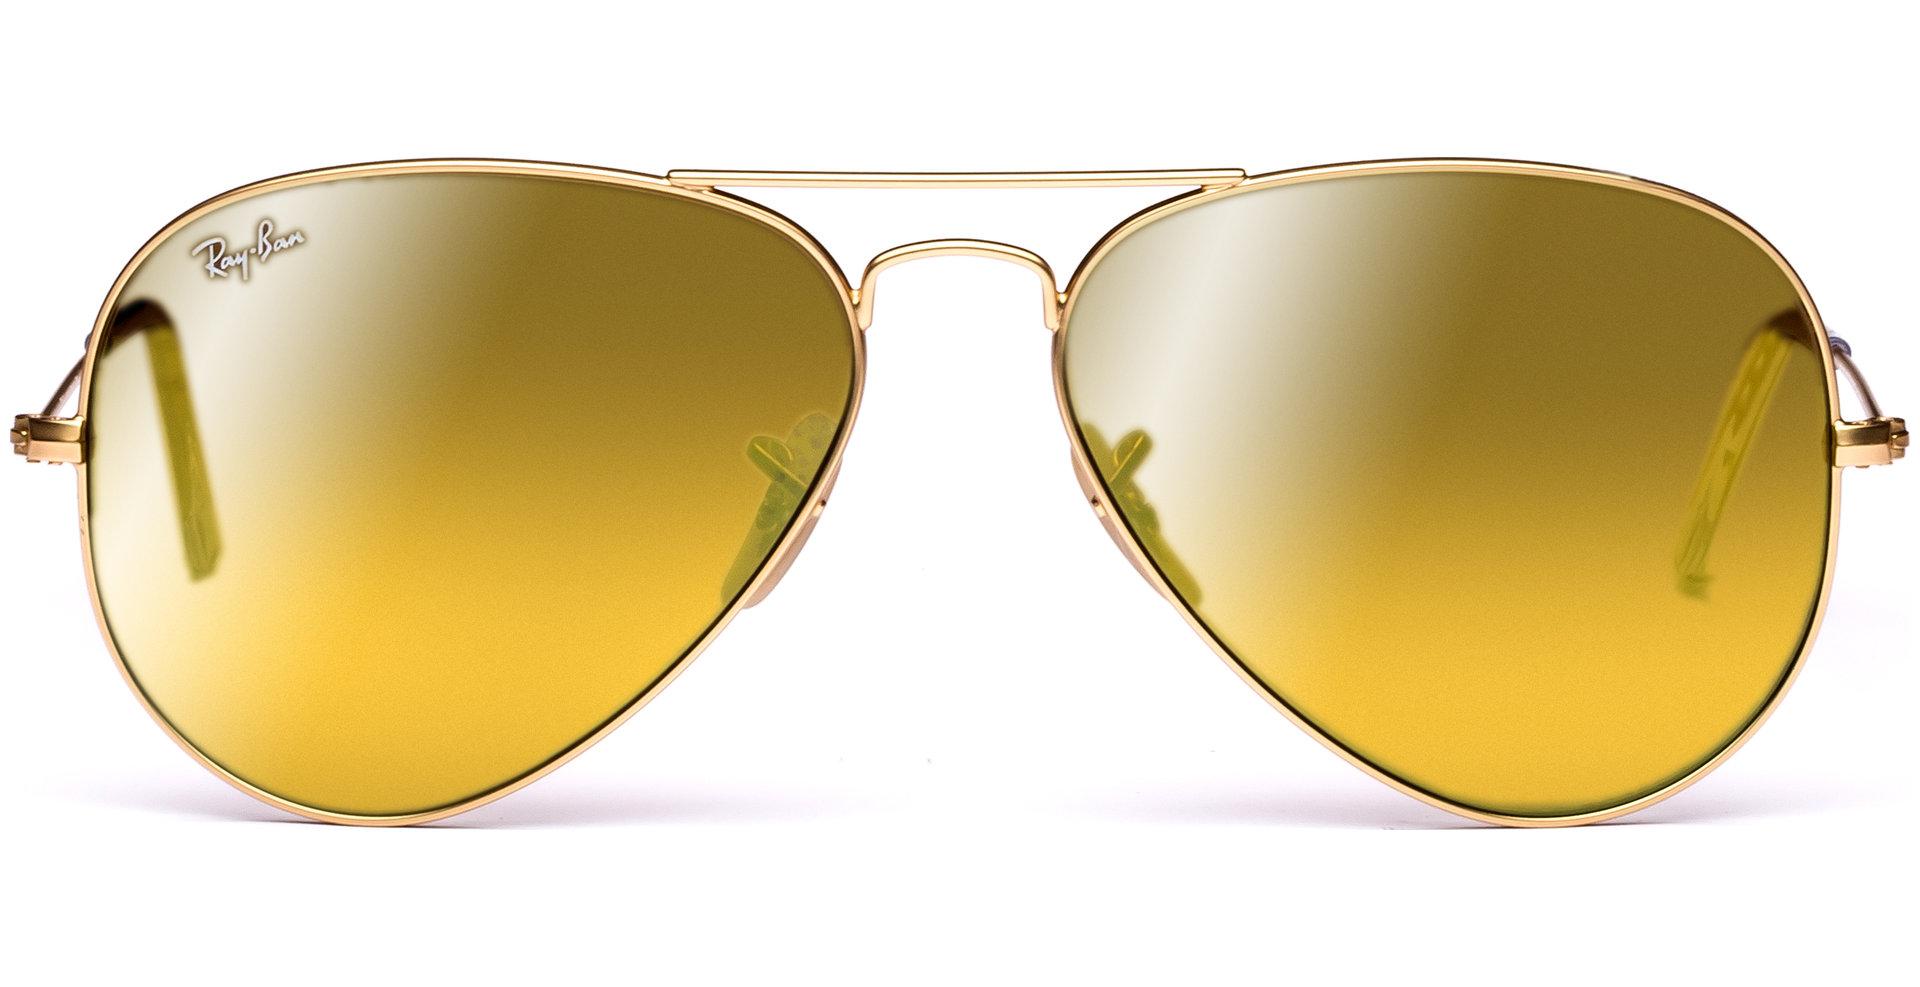 ray ban matte gold aviator  Ray-Ban - Aviator Large Metal RB3025 112/93 5814 Matte Gold/Brown ...